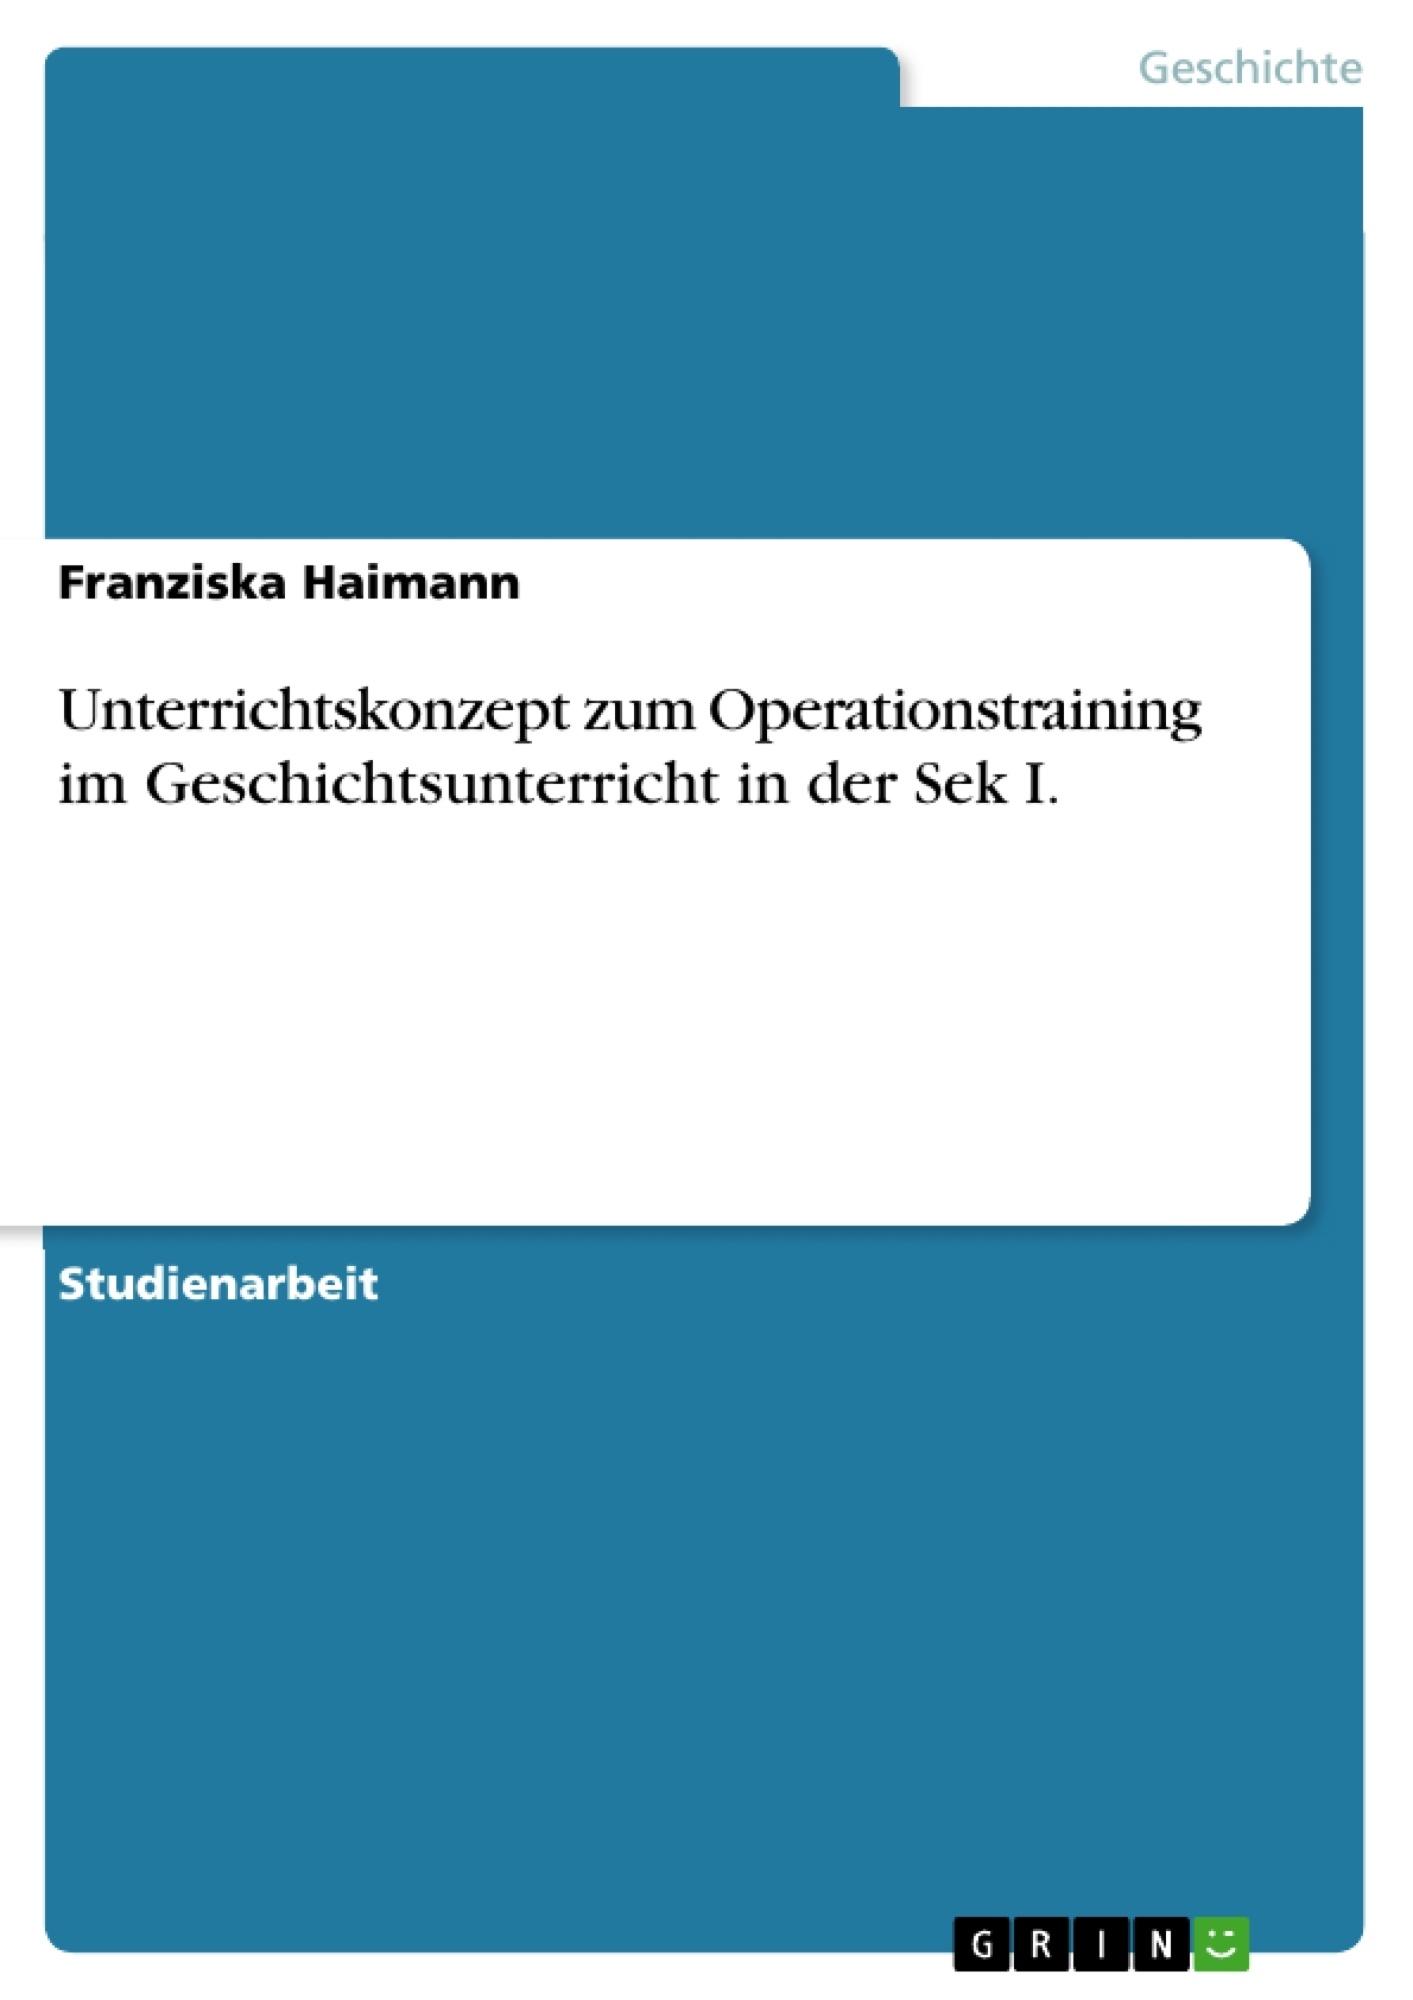 Titel: Unterrichtskonzept zum Operationstraining im Geschichtsunterricht in der Sek I.